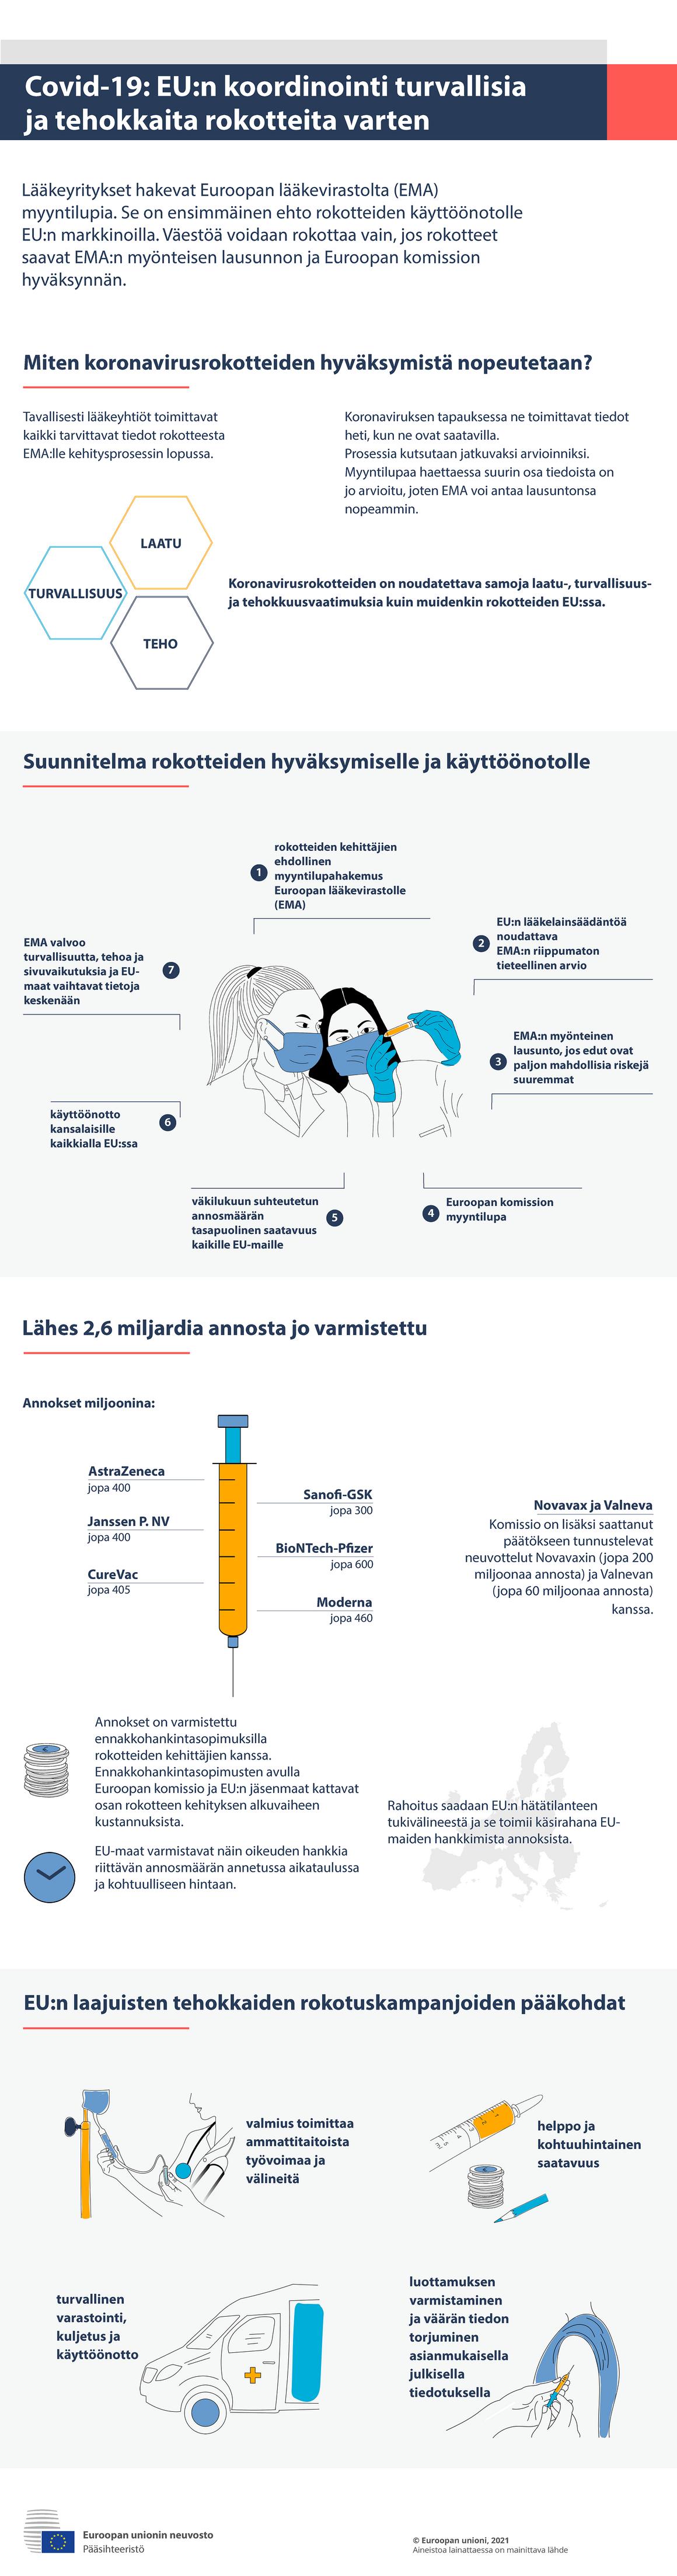 Infografiikka – covid-19: EU:n koordinointi turvallisia ja tehokkaita rokotteita varten